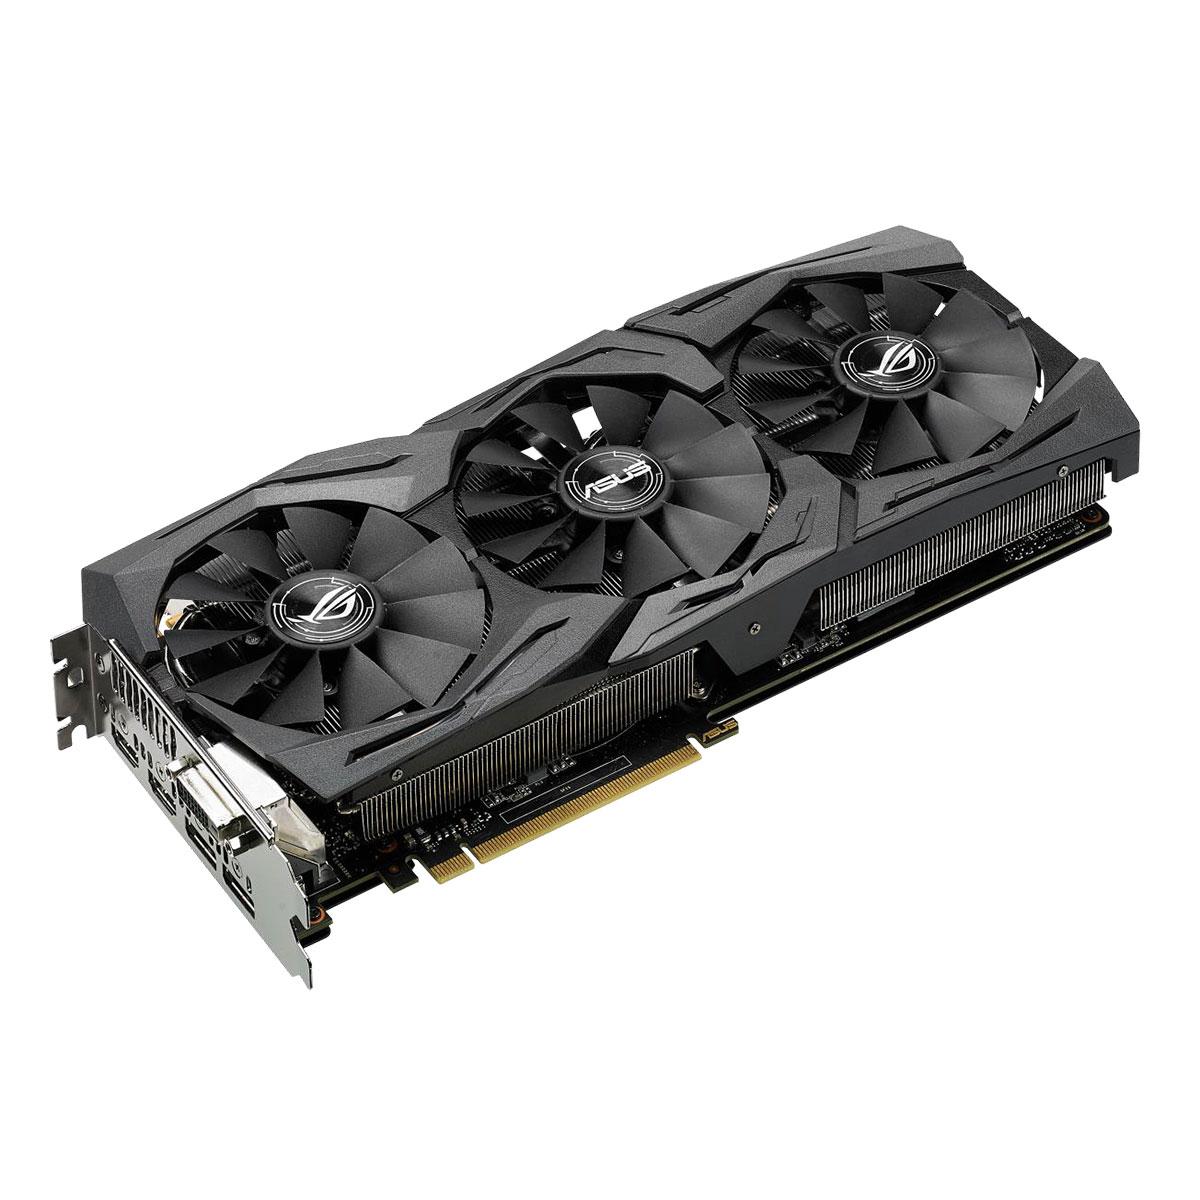 Asus GeForce GTX 1060 ROG STRIX-GTX1060-6G-GAMING (STRIX-GTX1060-6G-GAMING **) - Achat / Vente Carte graphique sur Cybertek.fr - 4